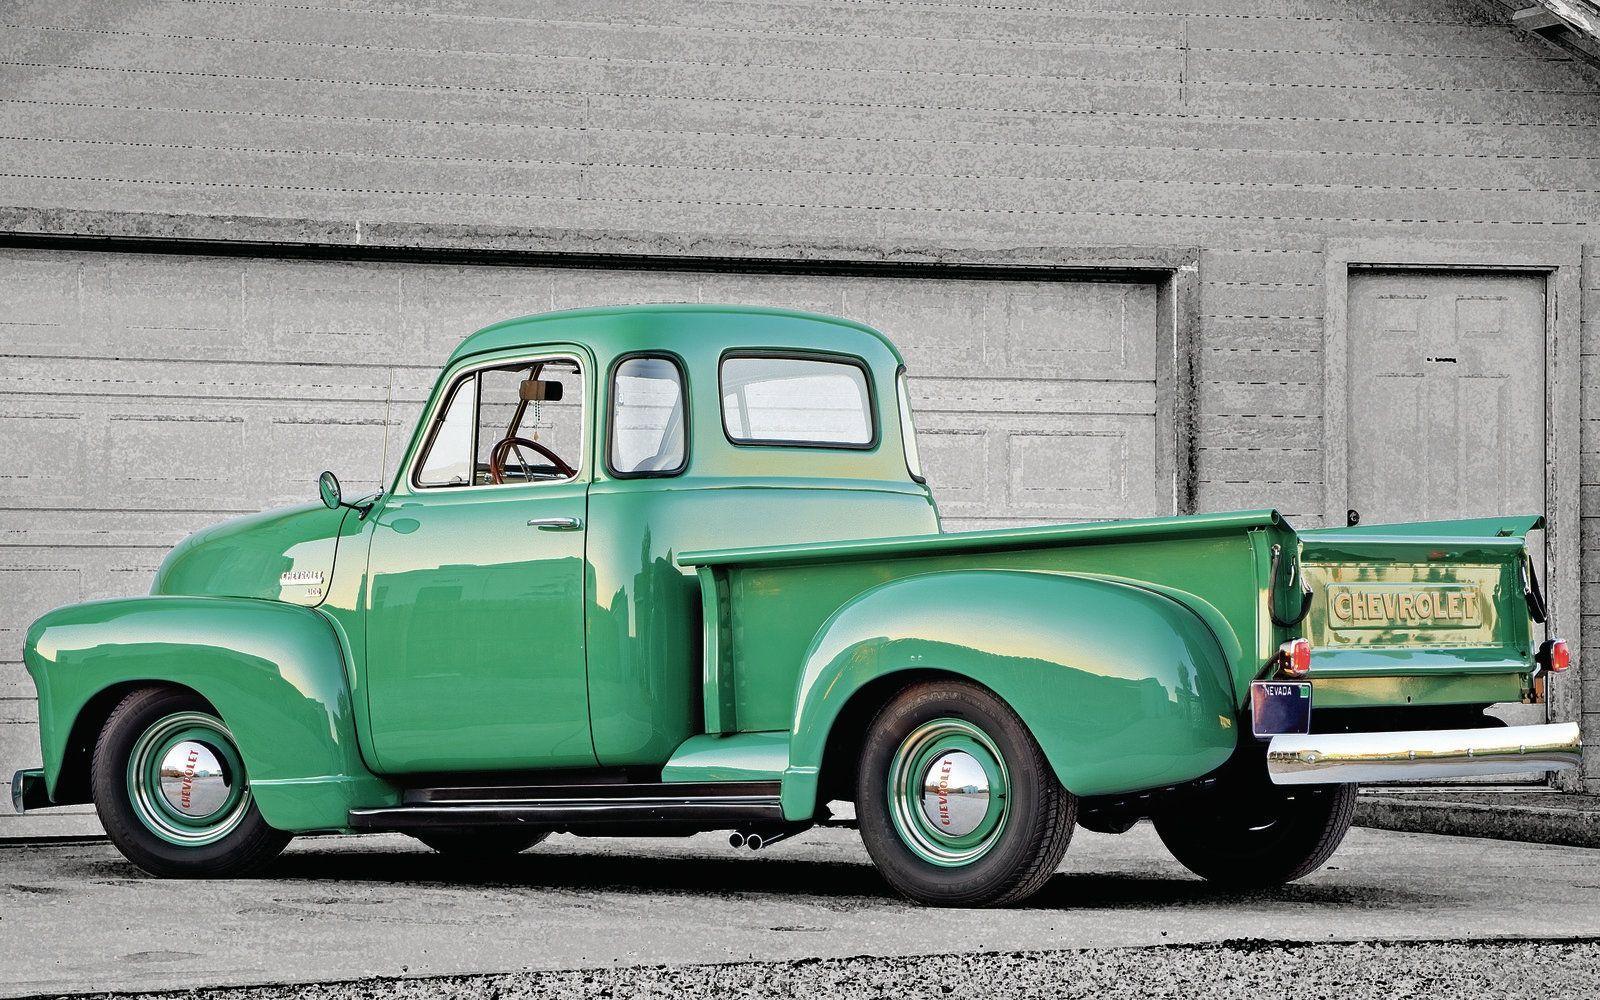 Chevrolet Computer Wallpapers Desktop Backgrounds 1600x1000 Id 283625 Chevrolet Wallpaper Chevy Chevrolet